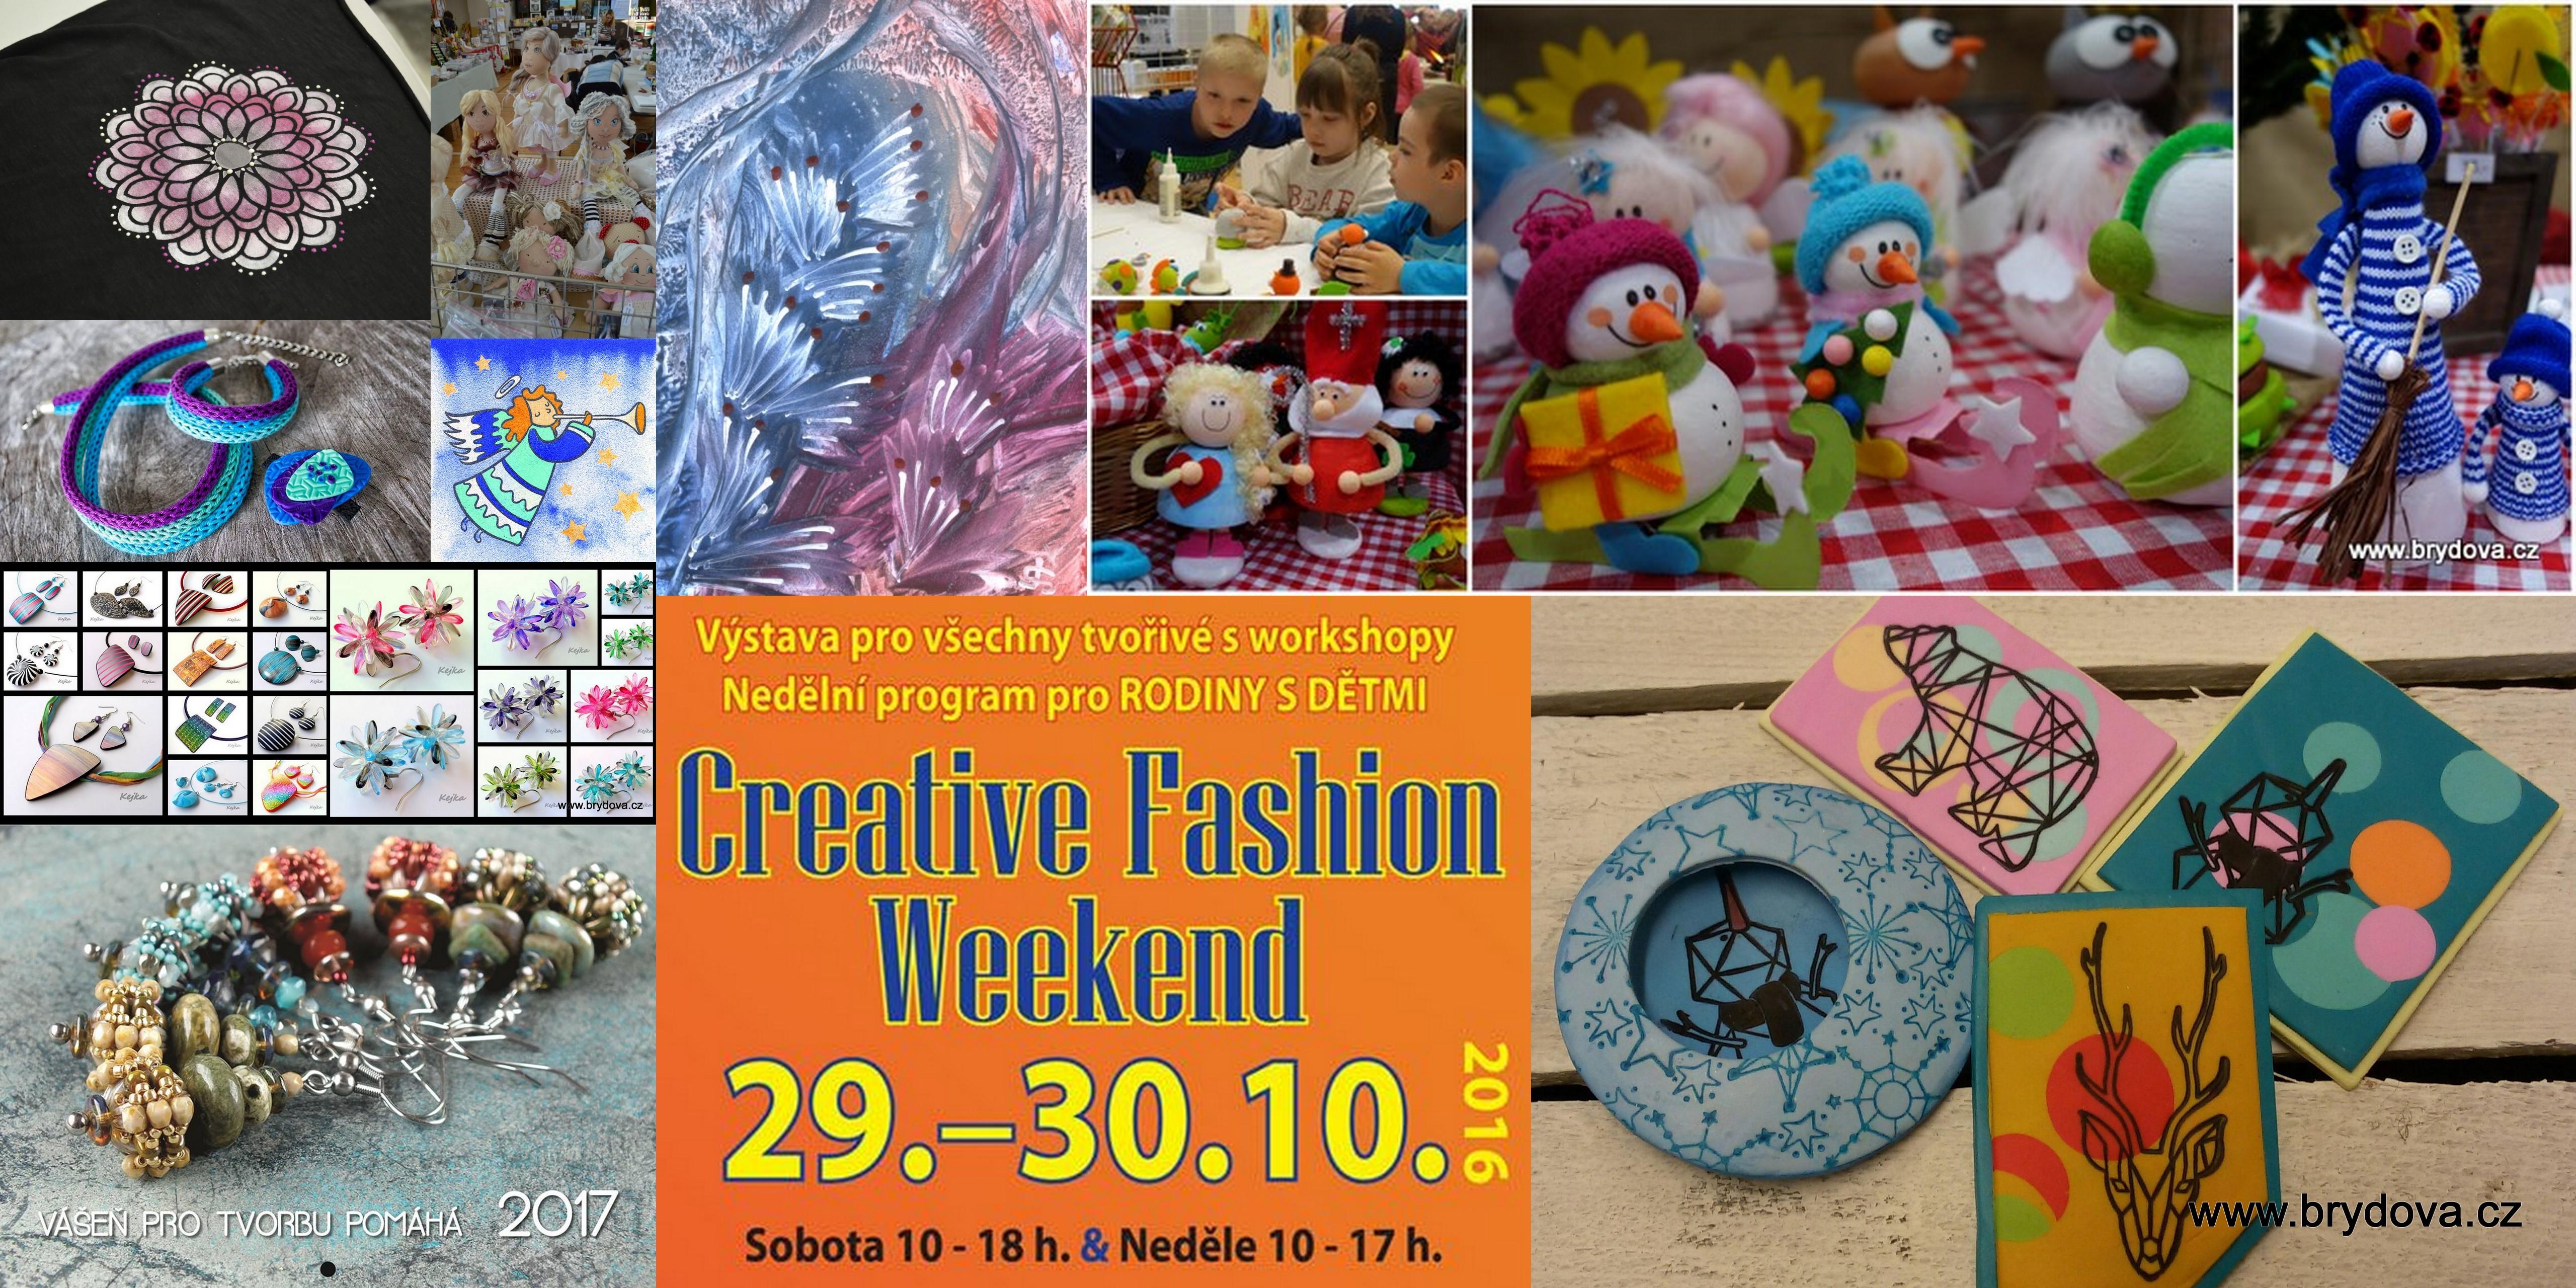 Vystavovatelé a workshopy na Creative Fashion Weekendu